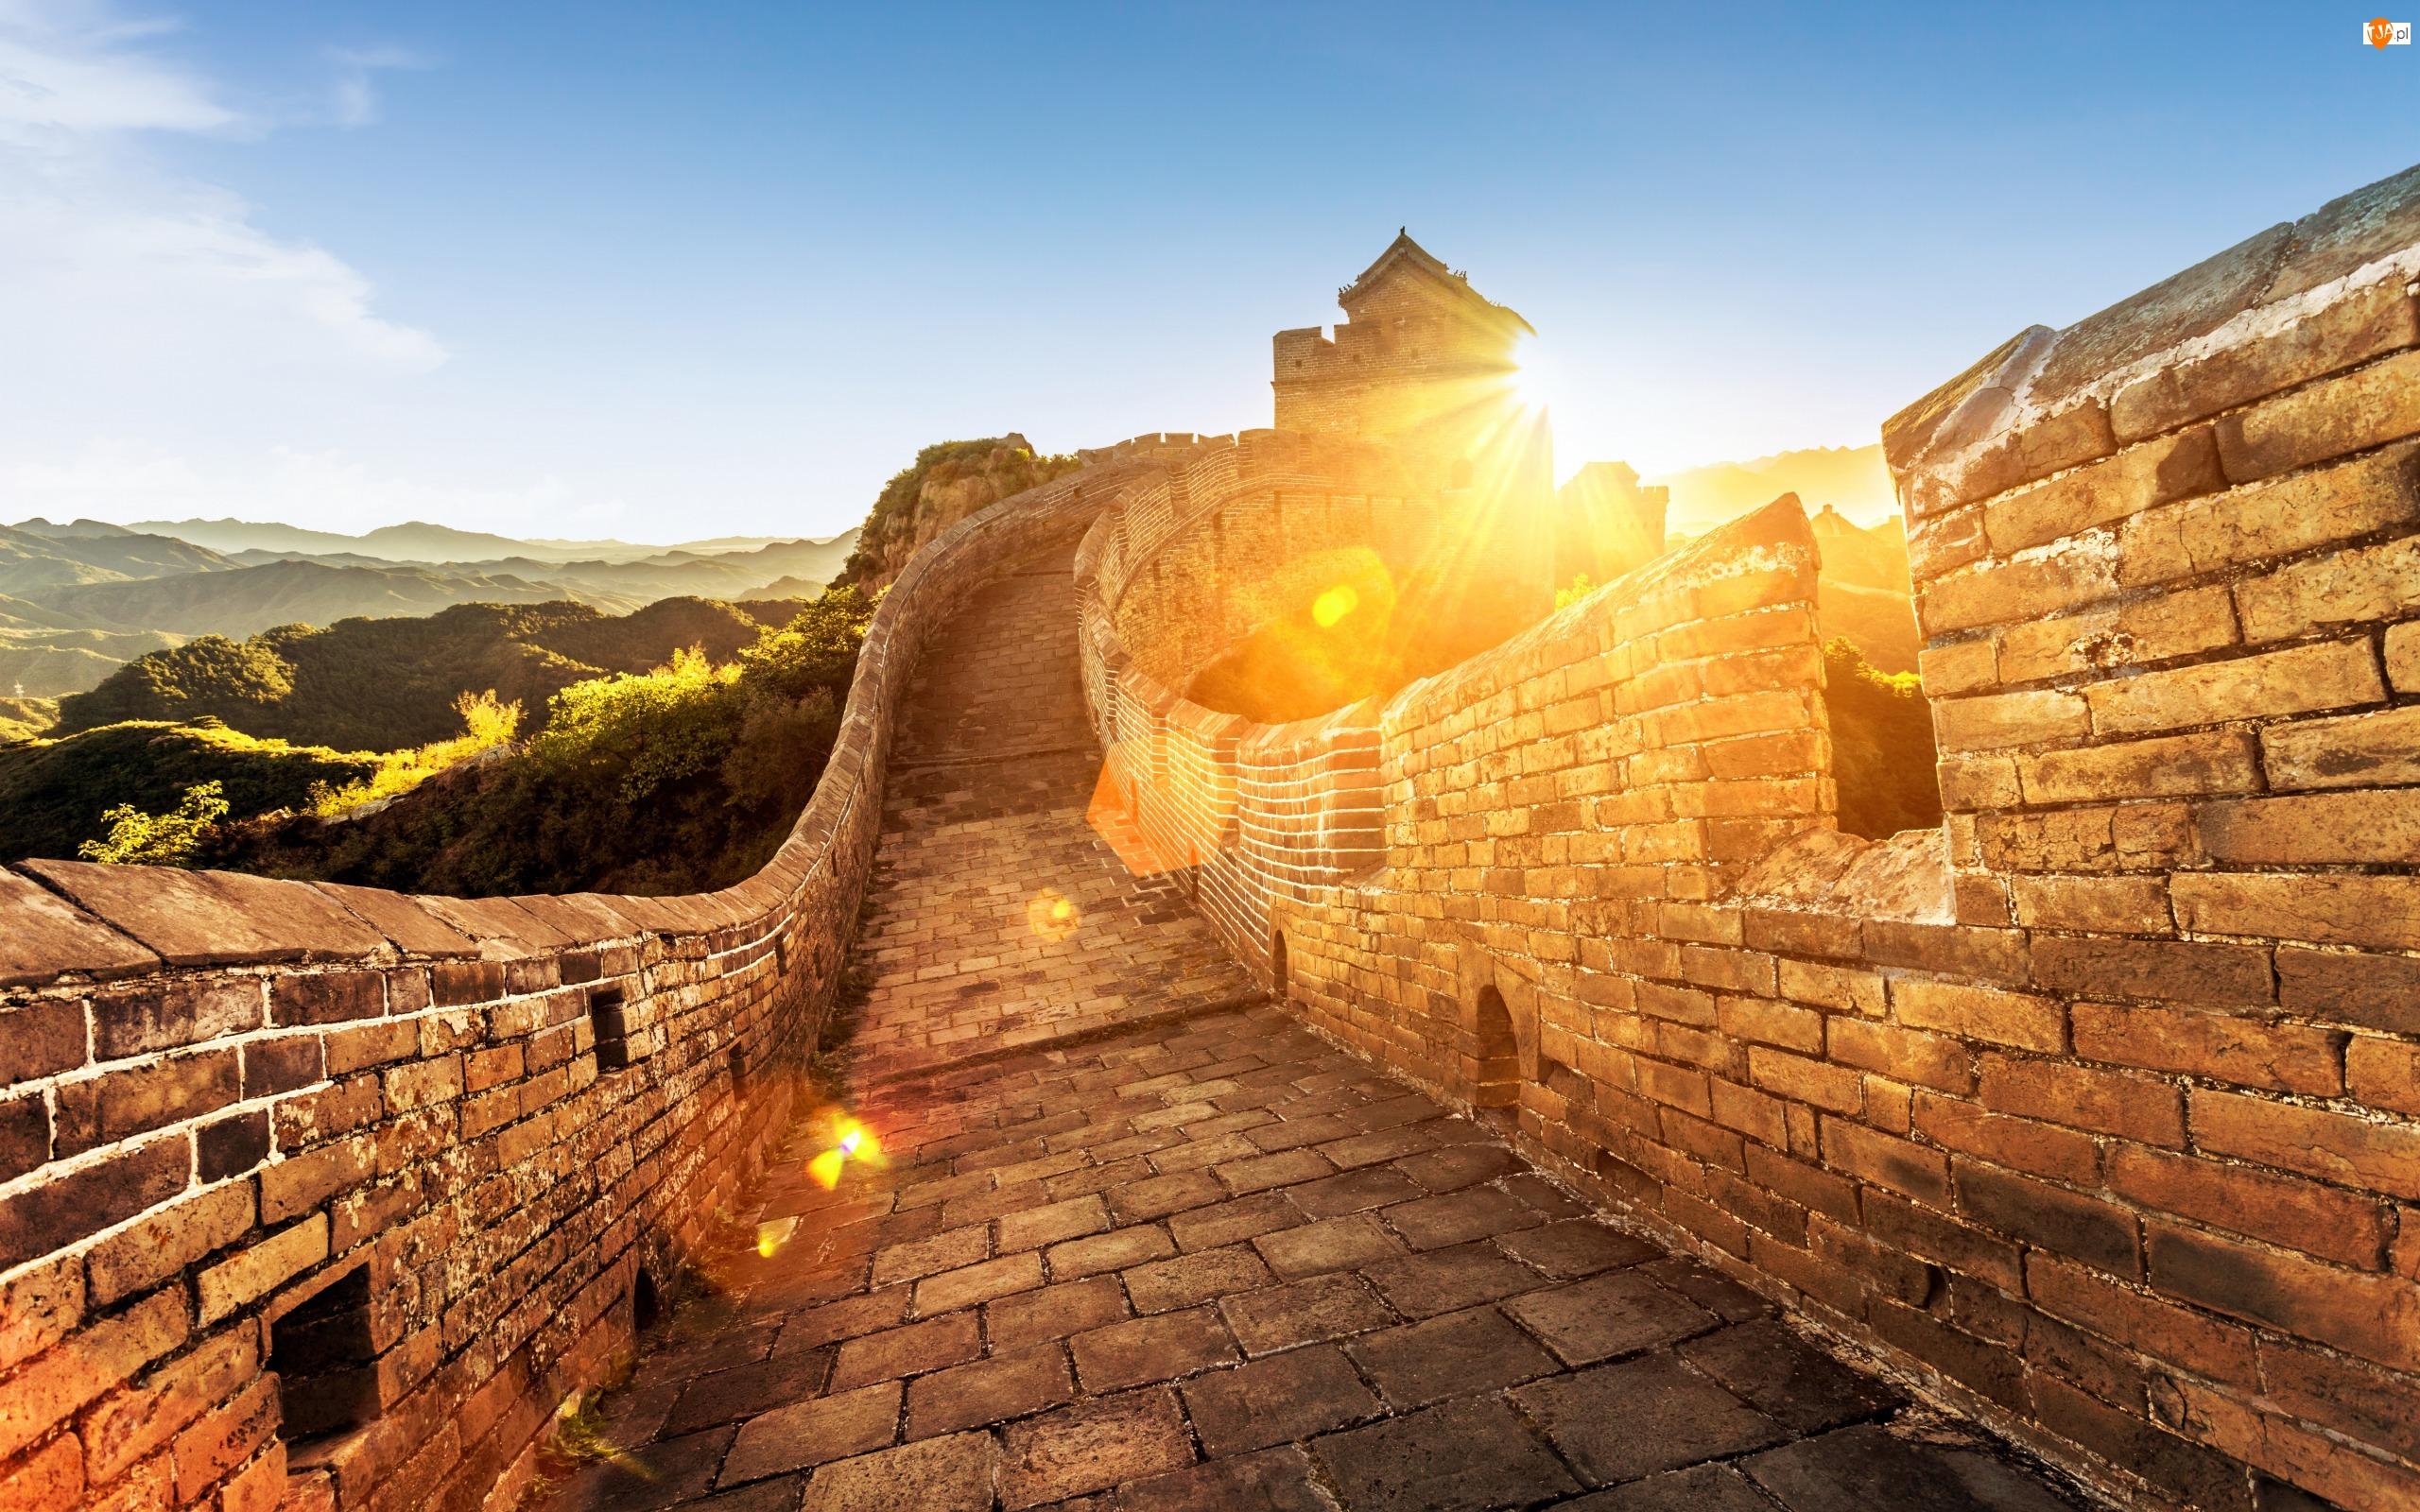 Znalezione obrazy dla zapytania mur chiński o wschodzie słońca